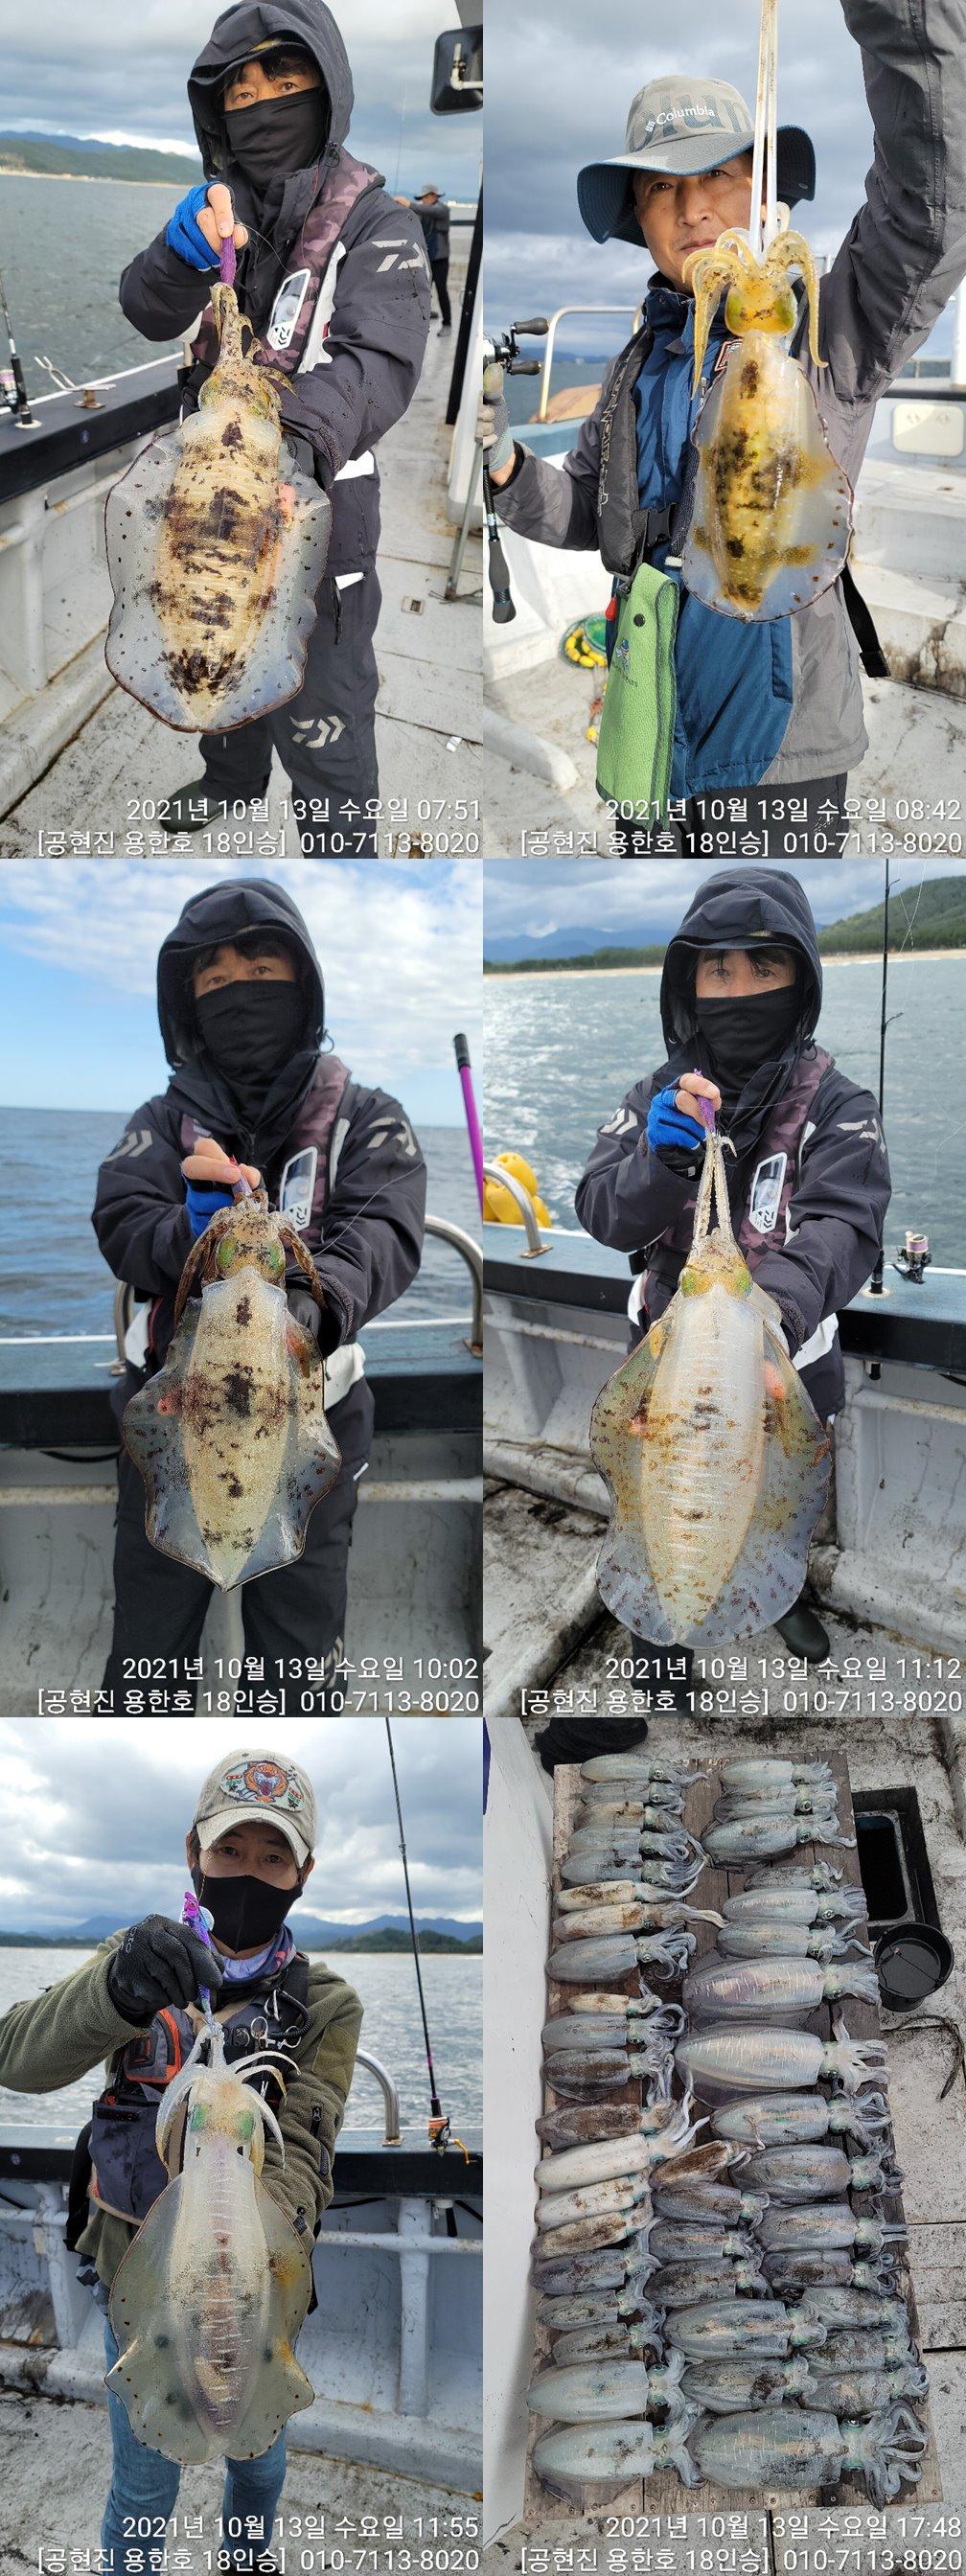 21.10.13 무늬오징어 팁런 조황